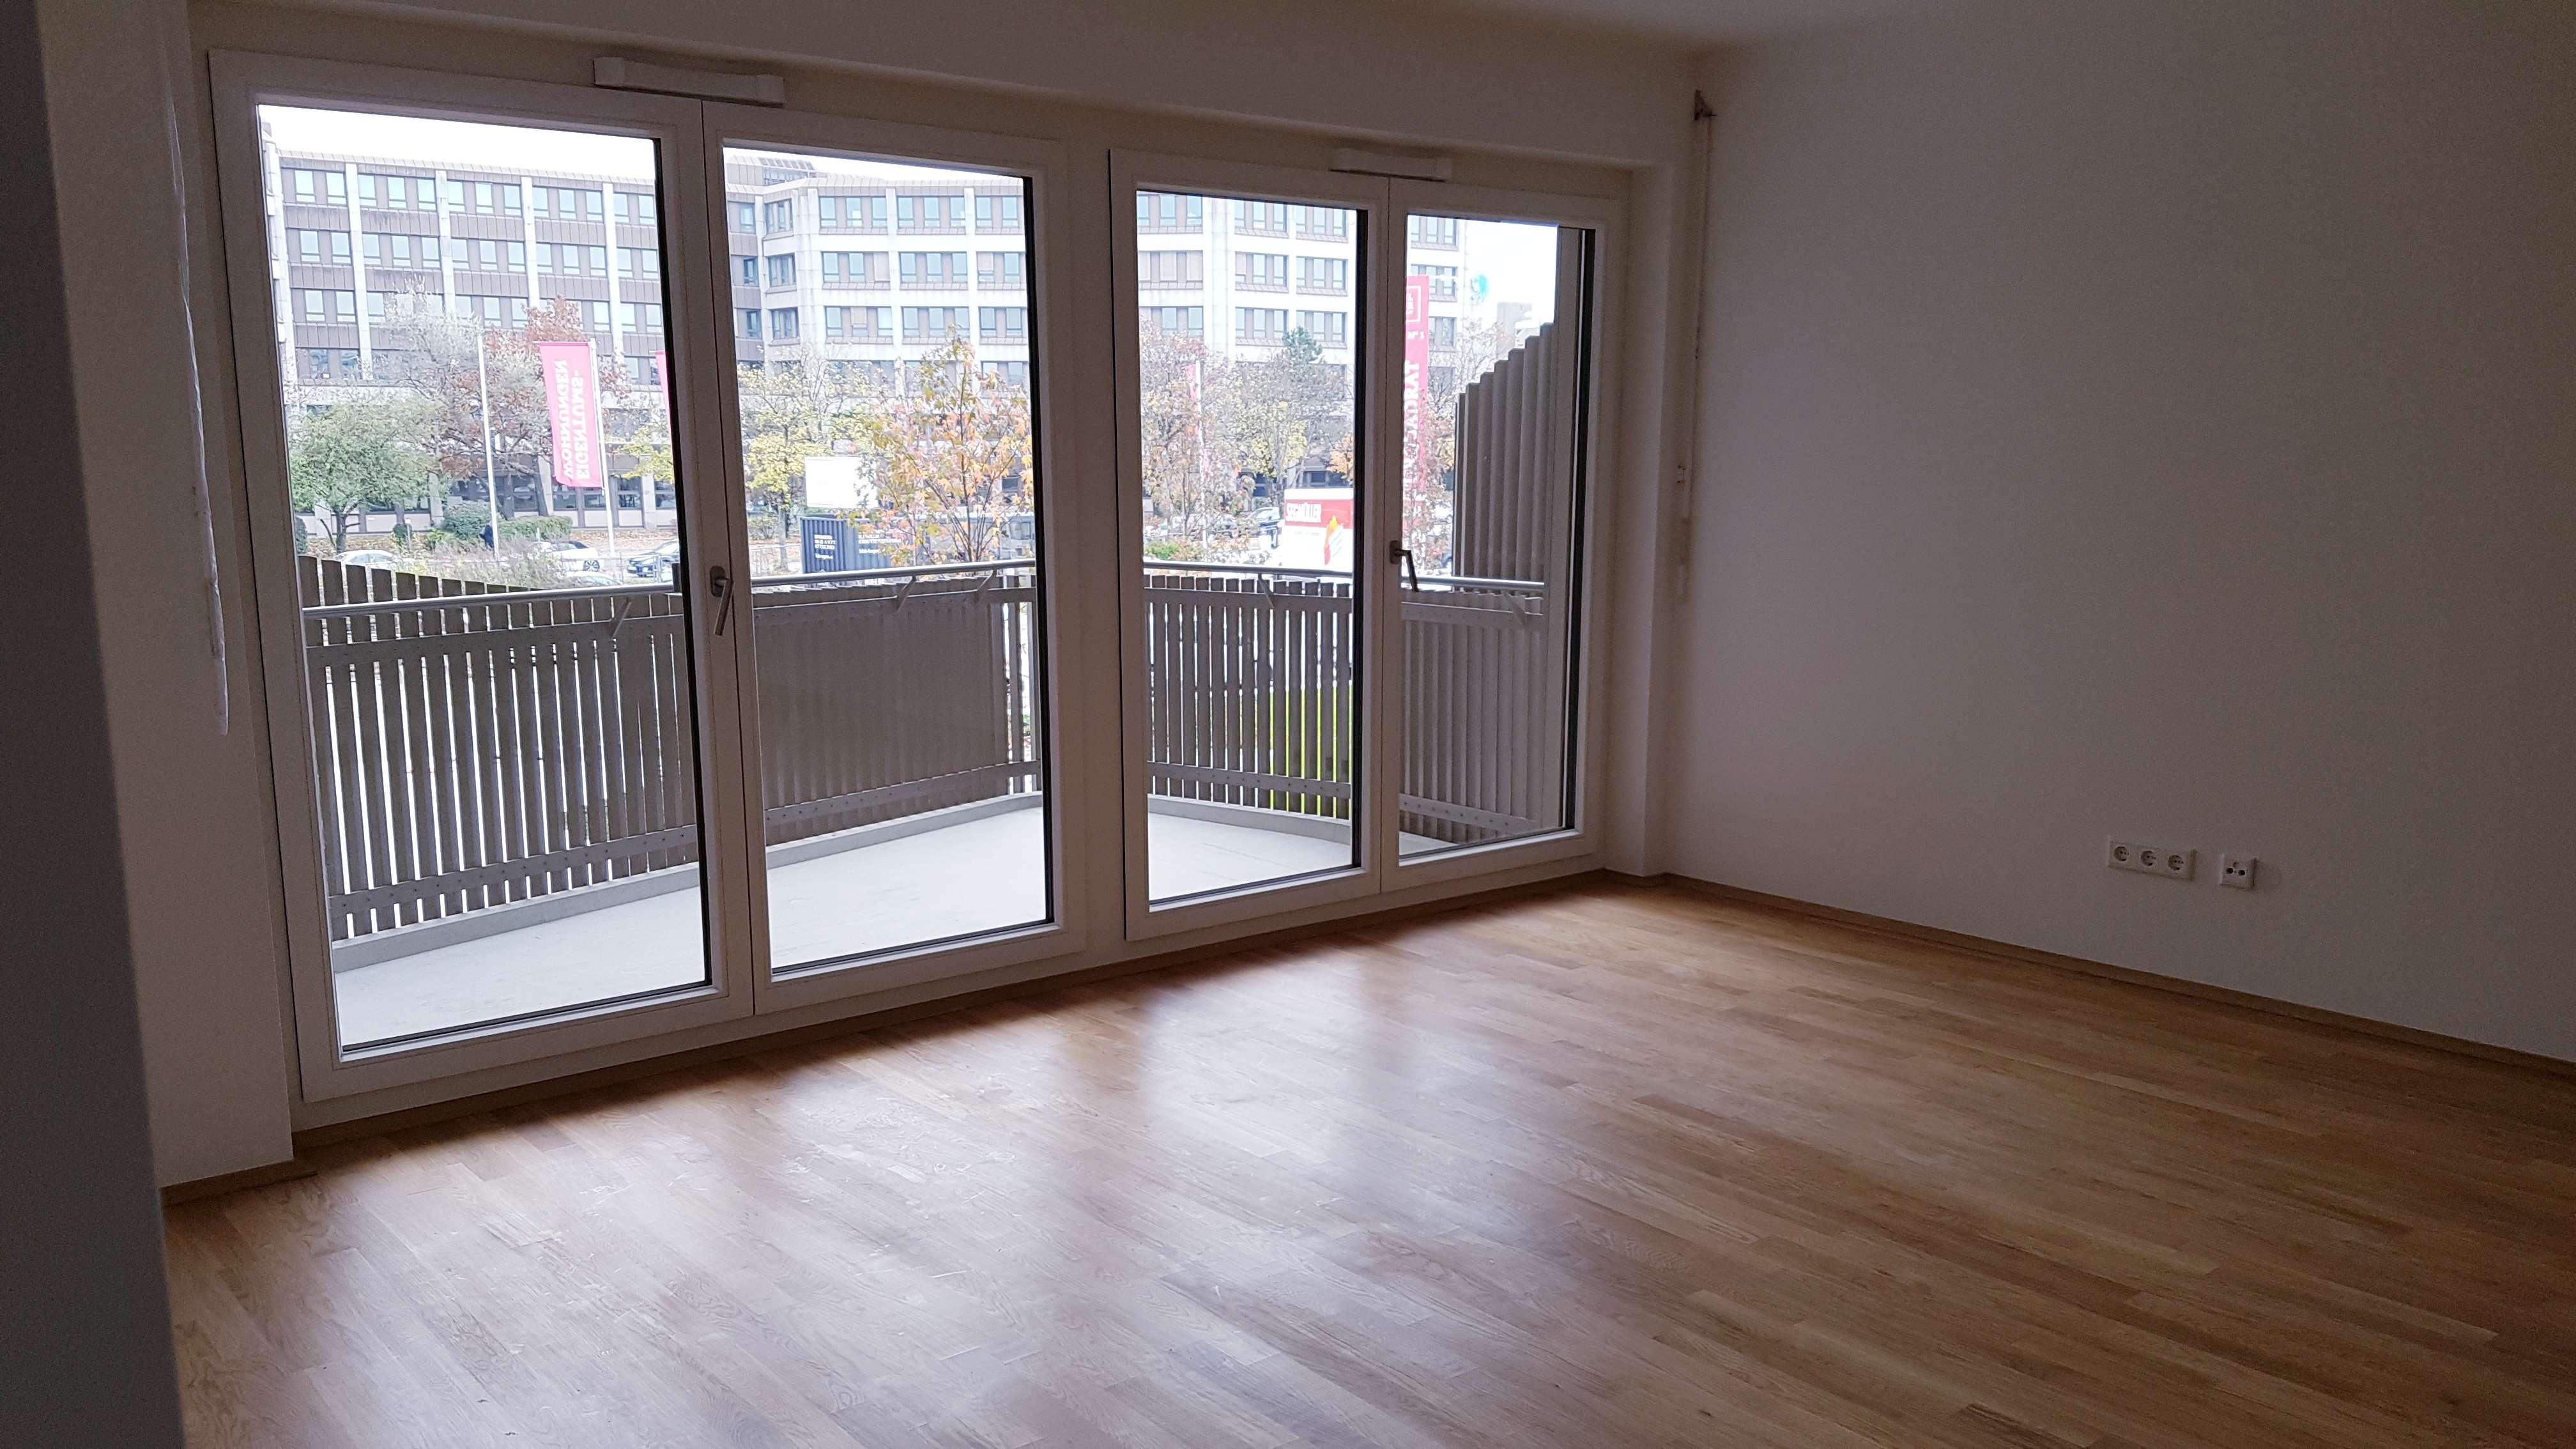 Erstbezug: Charmante 2,5-Zimmer-Wohnung in Top Lage mit EBK und Balkon in Perlach, München in Perlach (München)